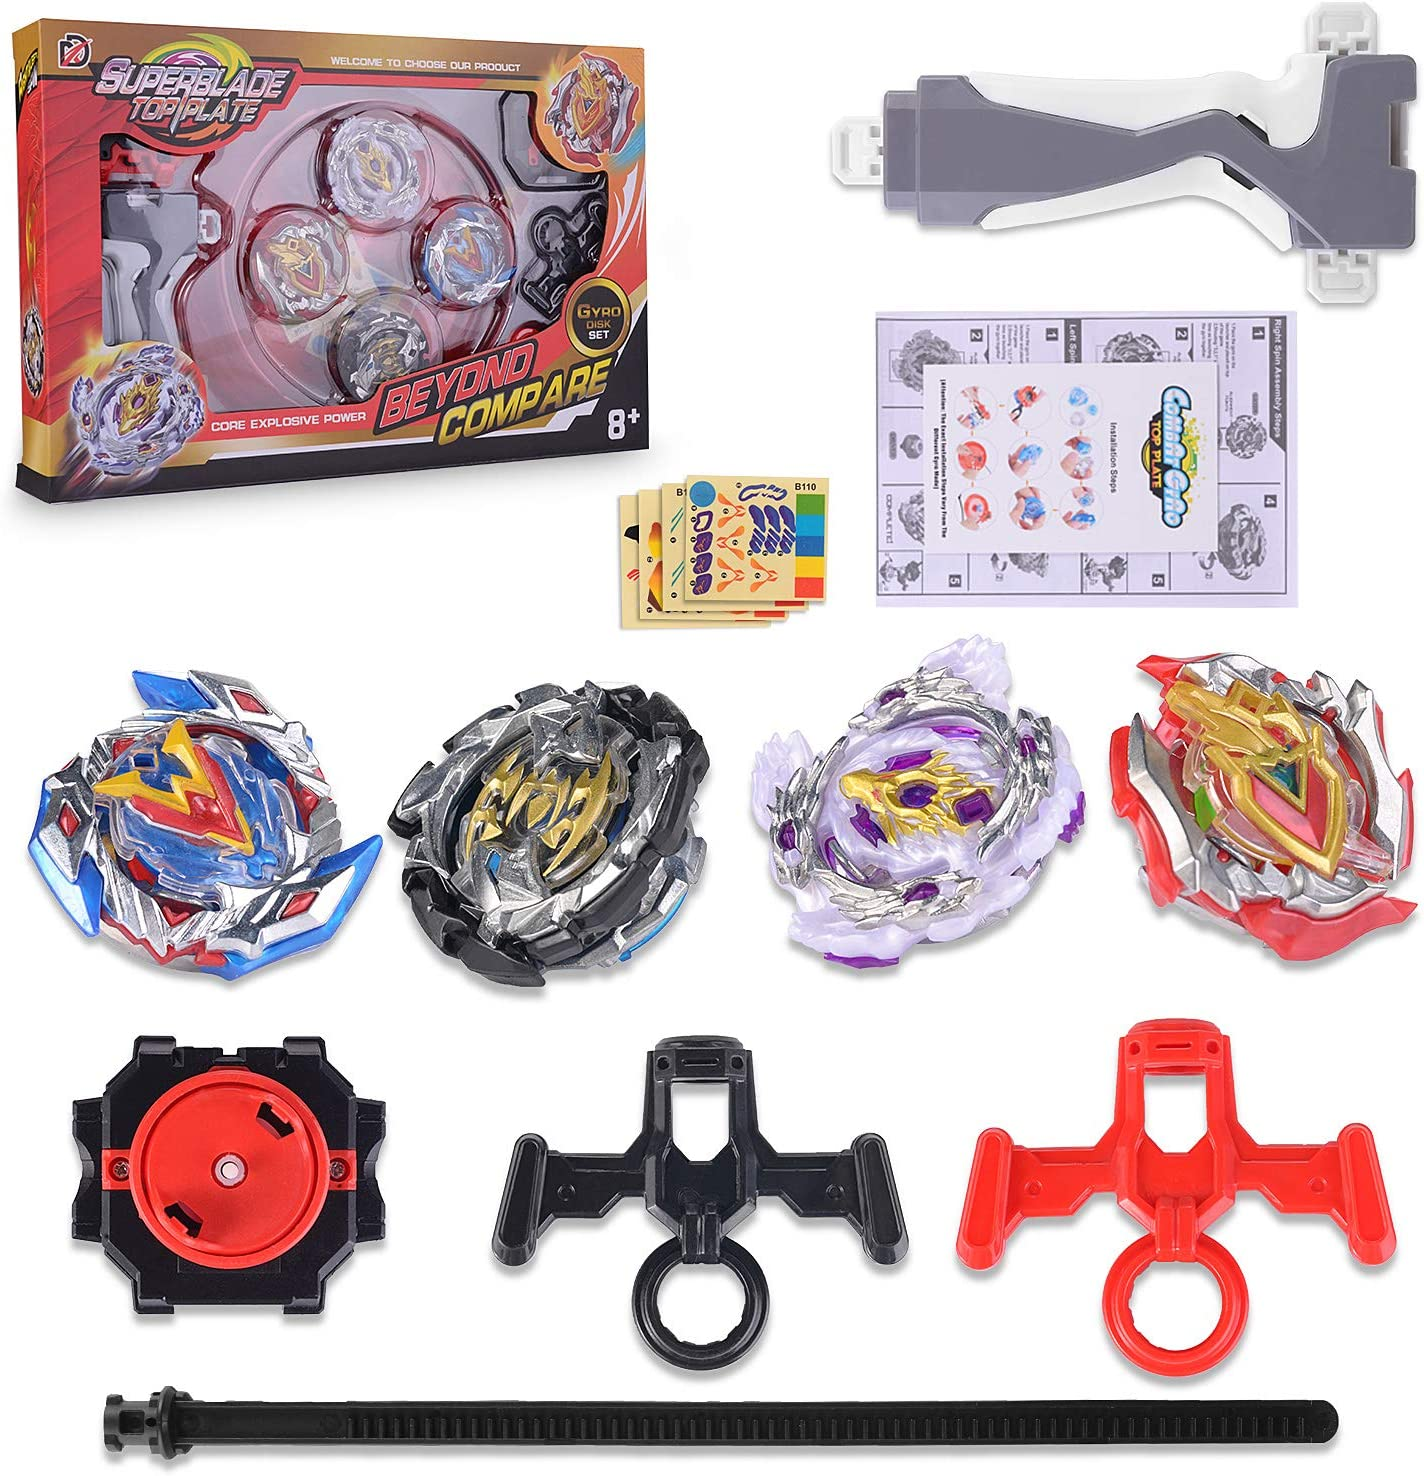 Surhomic Spinning Top Gyro 4 Pcs Set avec Launcher Beyblade M/étal Combat Jouets Starter Pack Lutte Ma/îtres Fusion pour Enfants Adulte 4 Toupies /& 2 Lanceurs